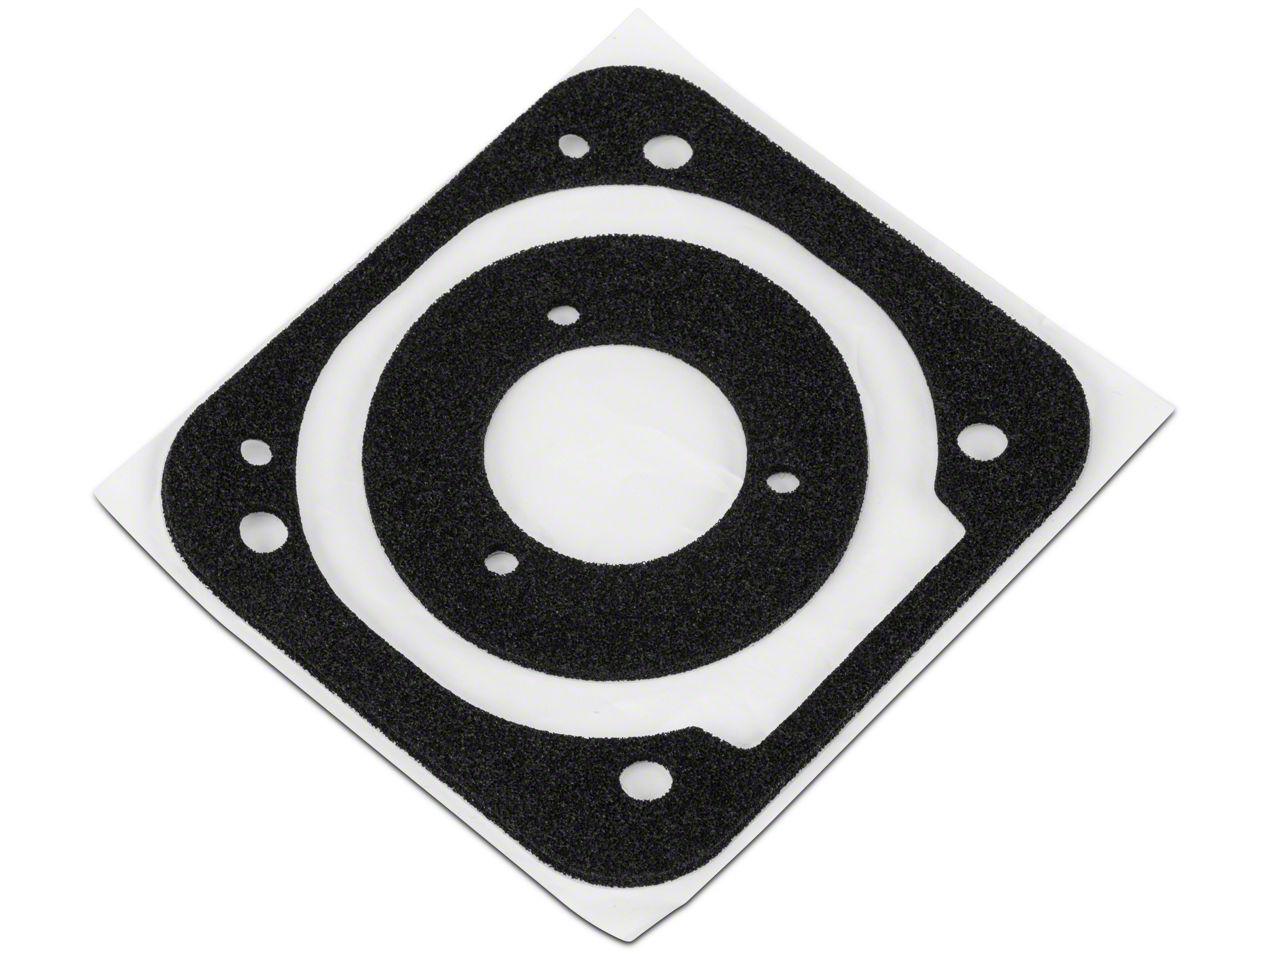 OPR Fuel Filler Neck Housing Gasket Kit (79-93 All)